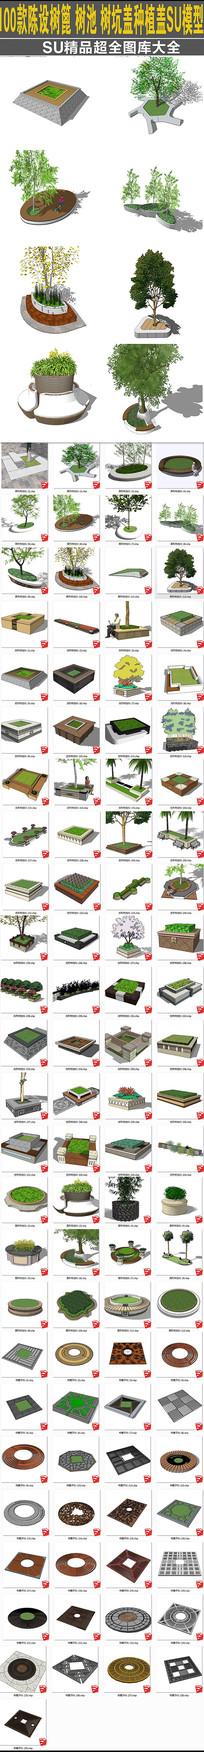 陈设树篦树池树坑盖种植盖 skp